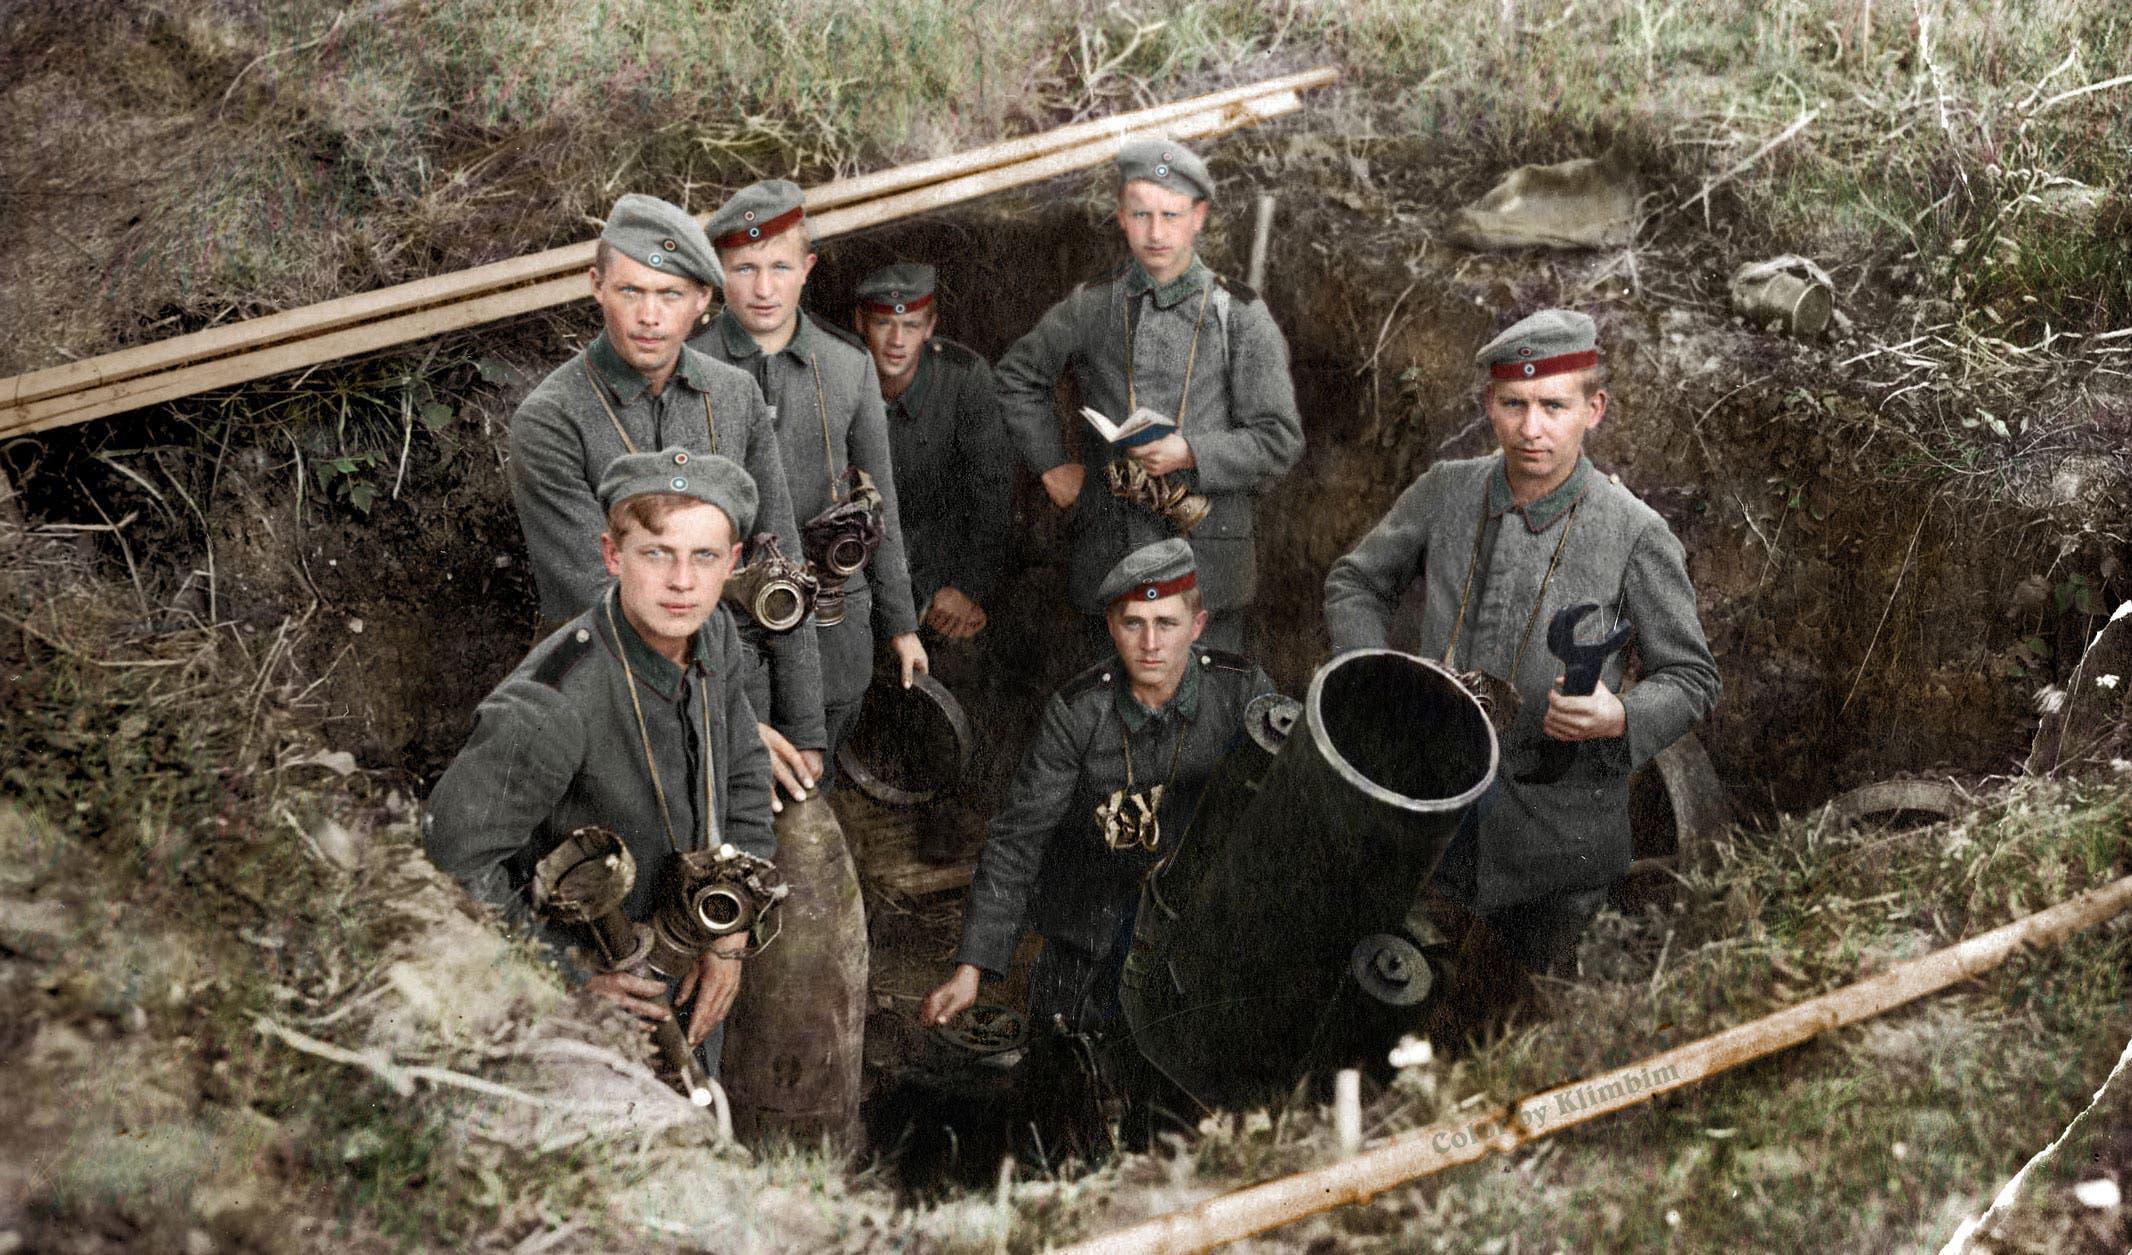 صورة ملونة اعتمادا على التقنيات الحديثة لجنود ألمان رفقة أحد مدافعهم